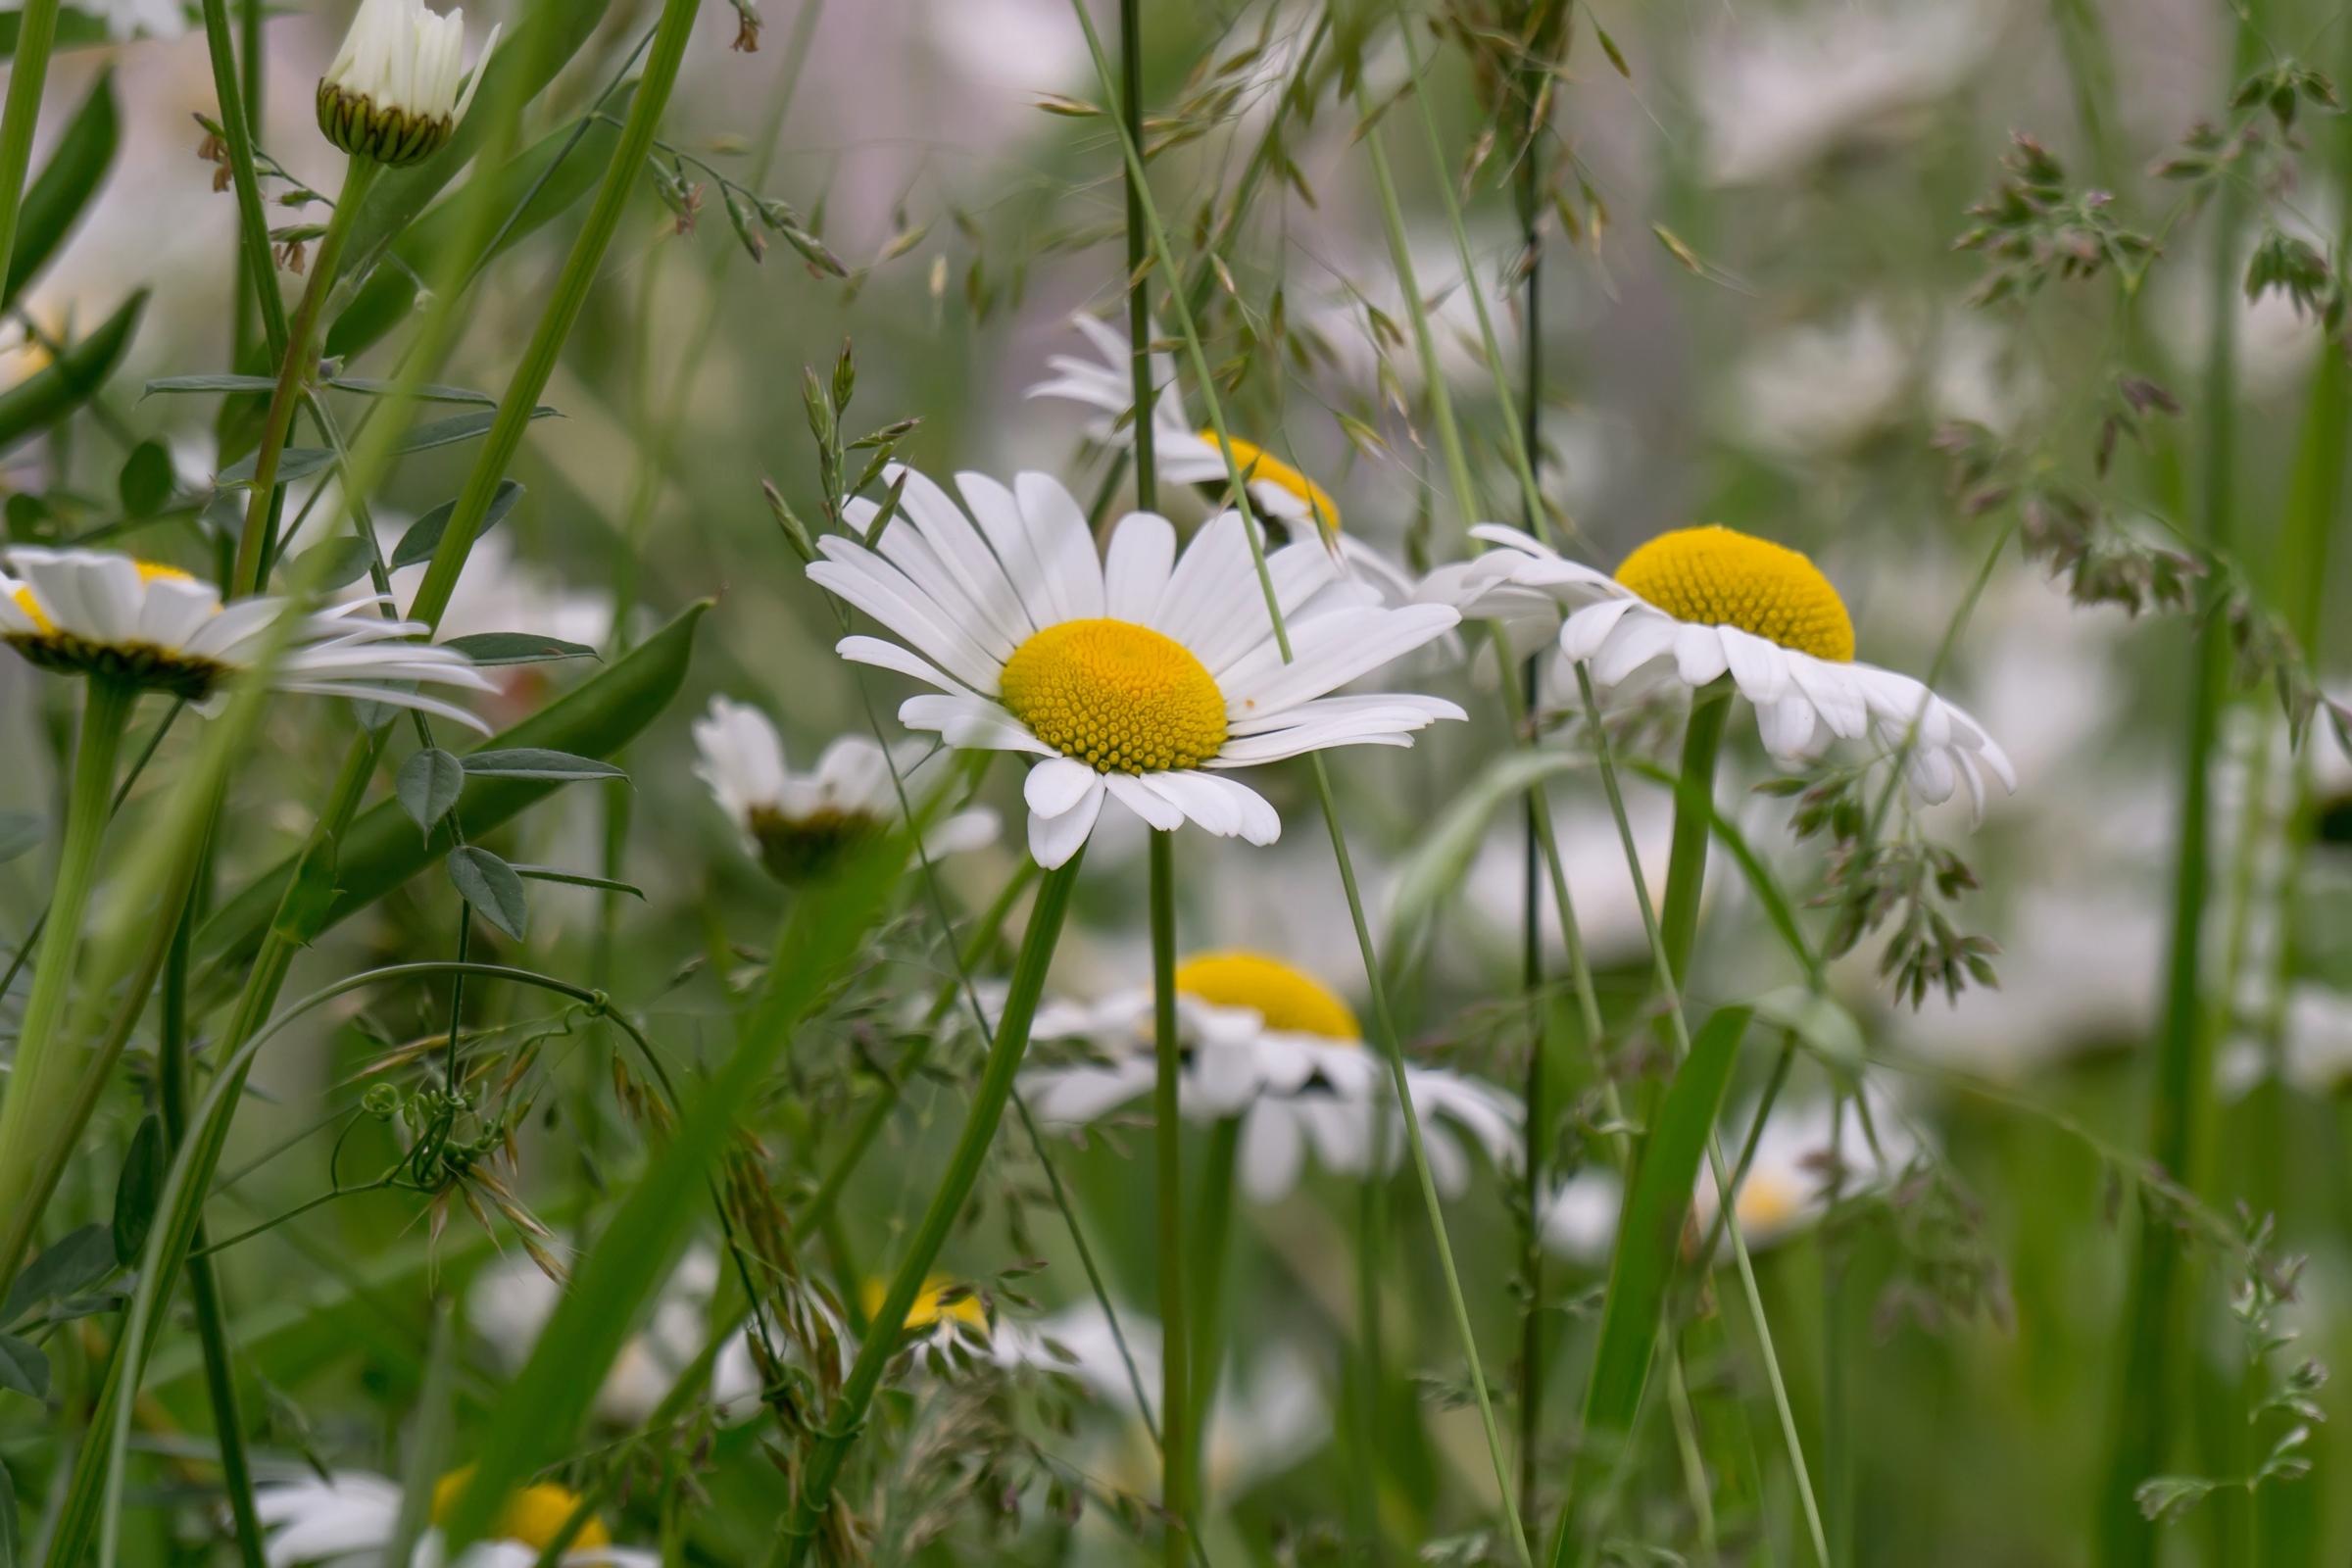 ромашки трава chamomile grass  № 3837809 бесплатно